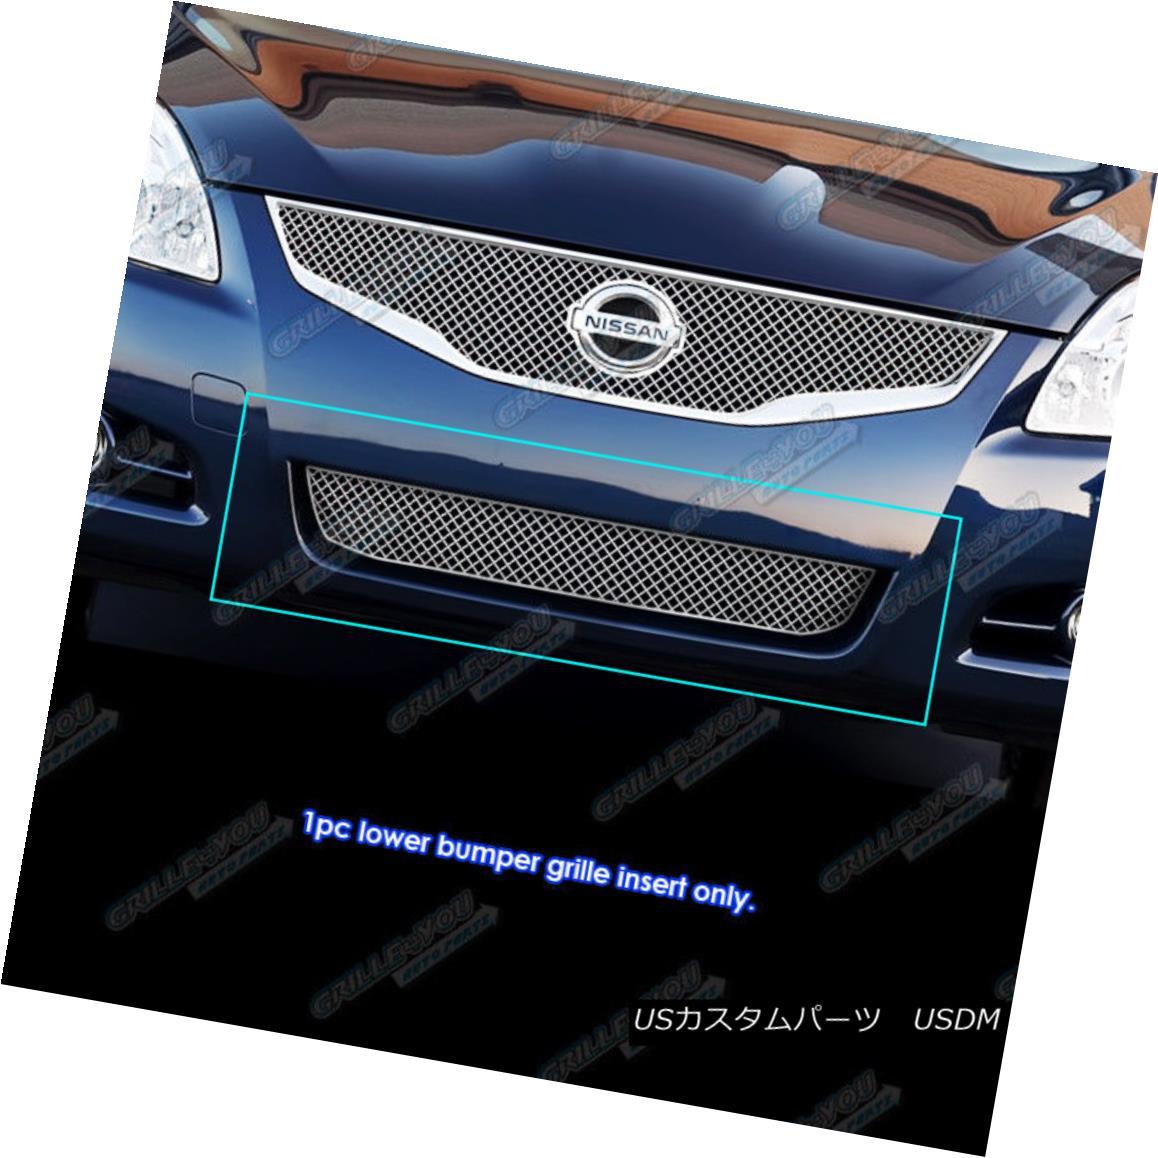 USグリル Fits 2010-2012 Nissan Altima Sedan Lower Bumper X Mesh Grille Insert フィット2010-2012日産アルティマセダンロワーバンパーXメッシュグリルインサート